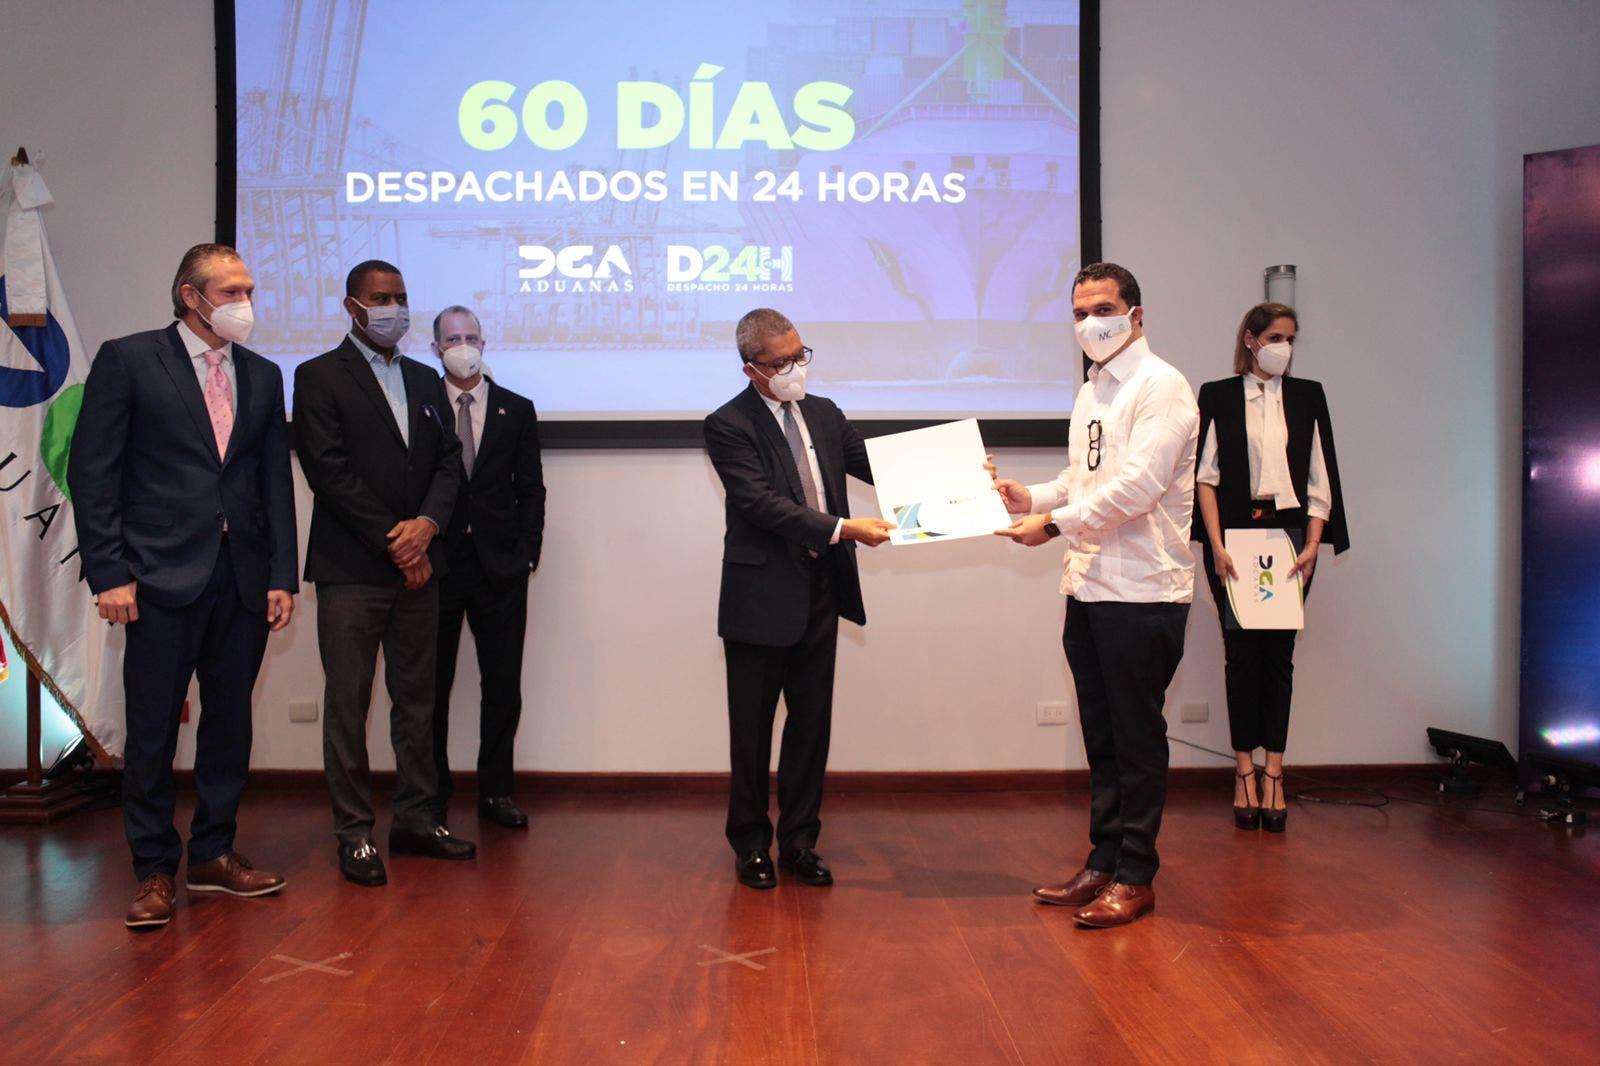 Aduanas reconoce a 10 empresas por resultados obtenidos en Despacho en 24 Horas